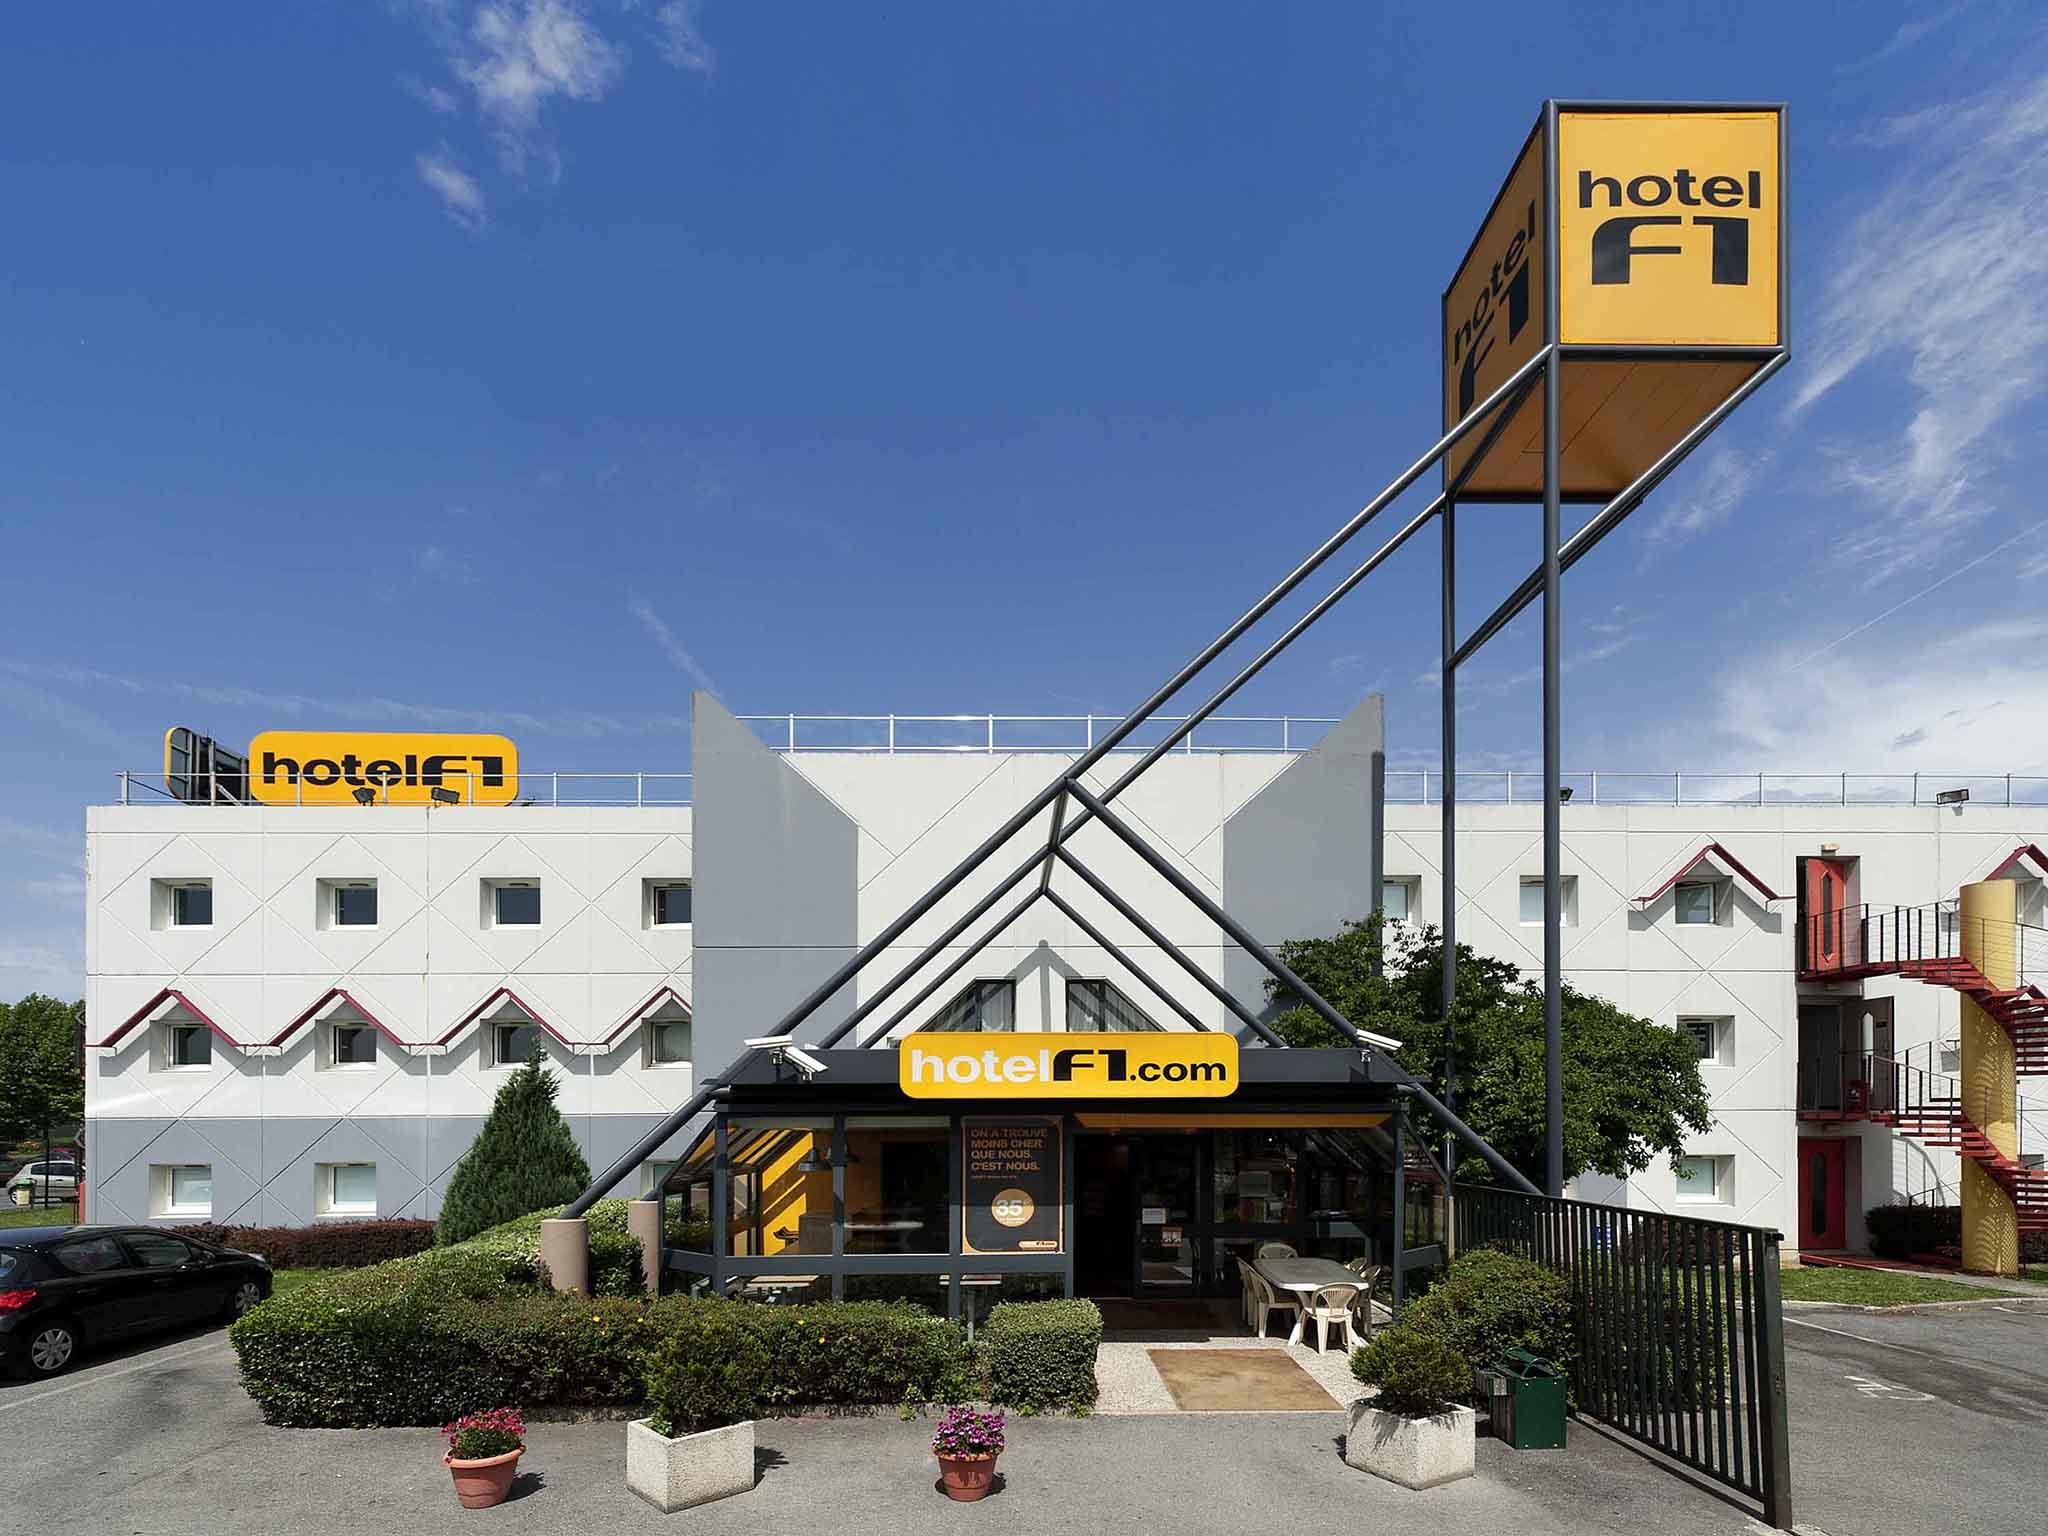 Hôtel - hotelF1 Évreux Sud